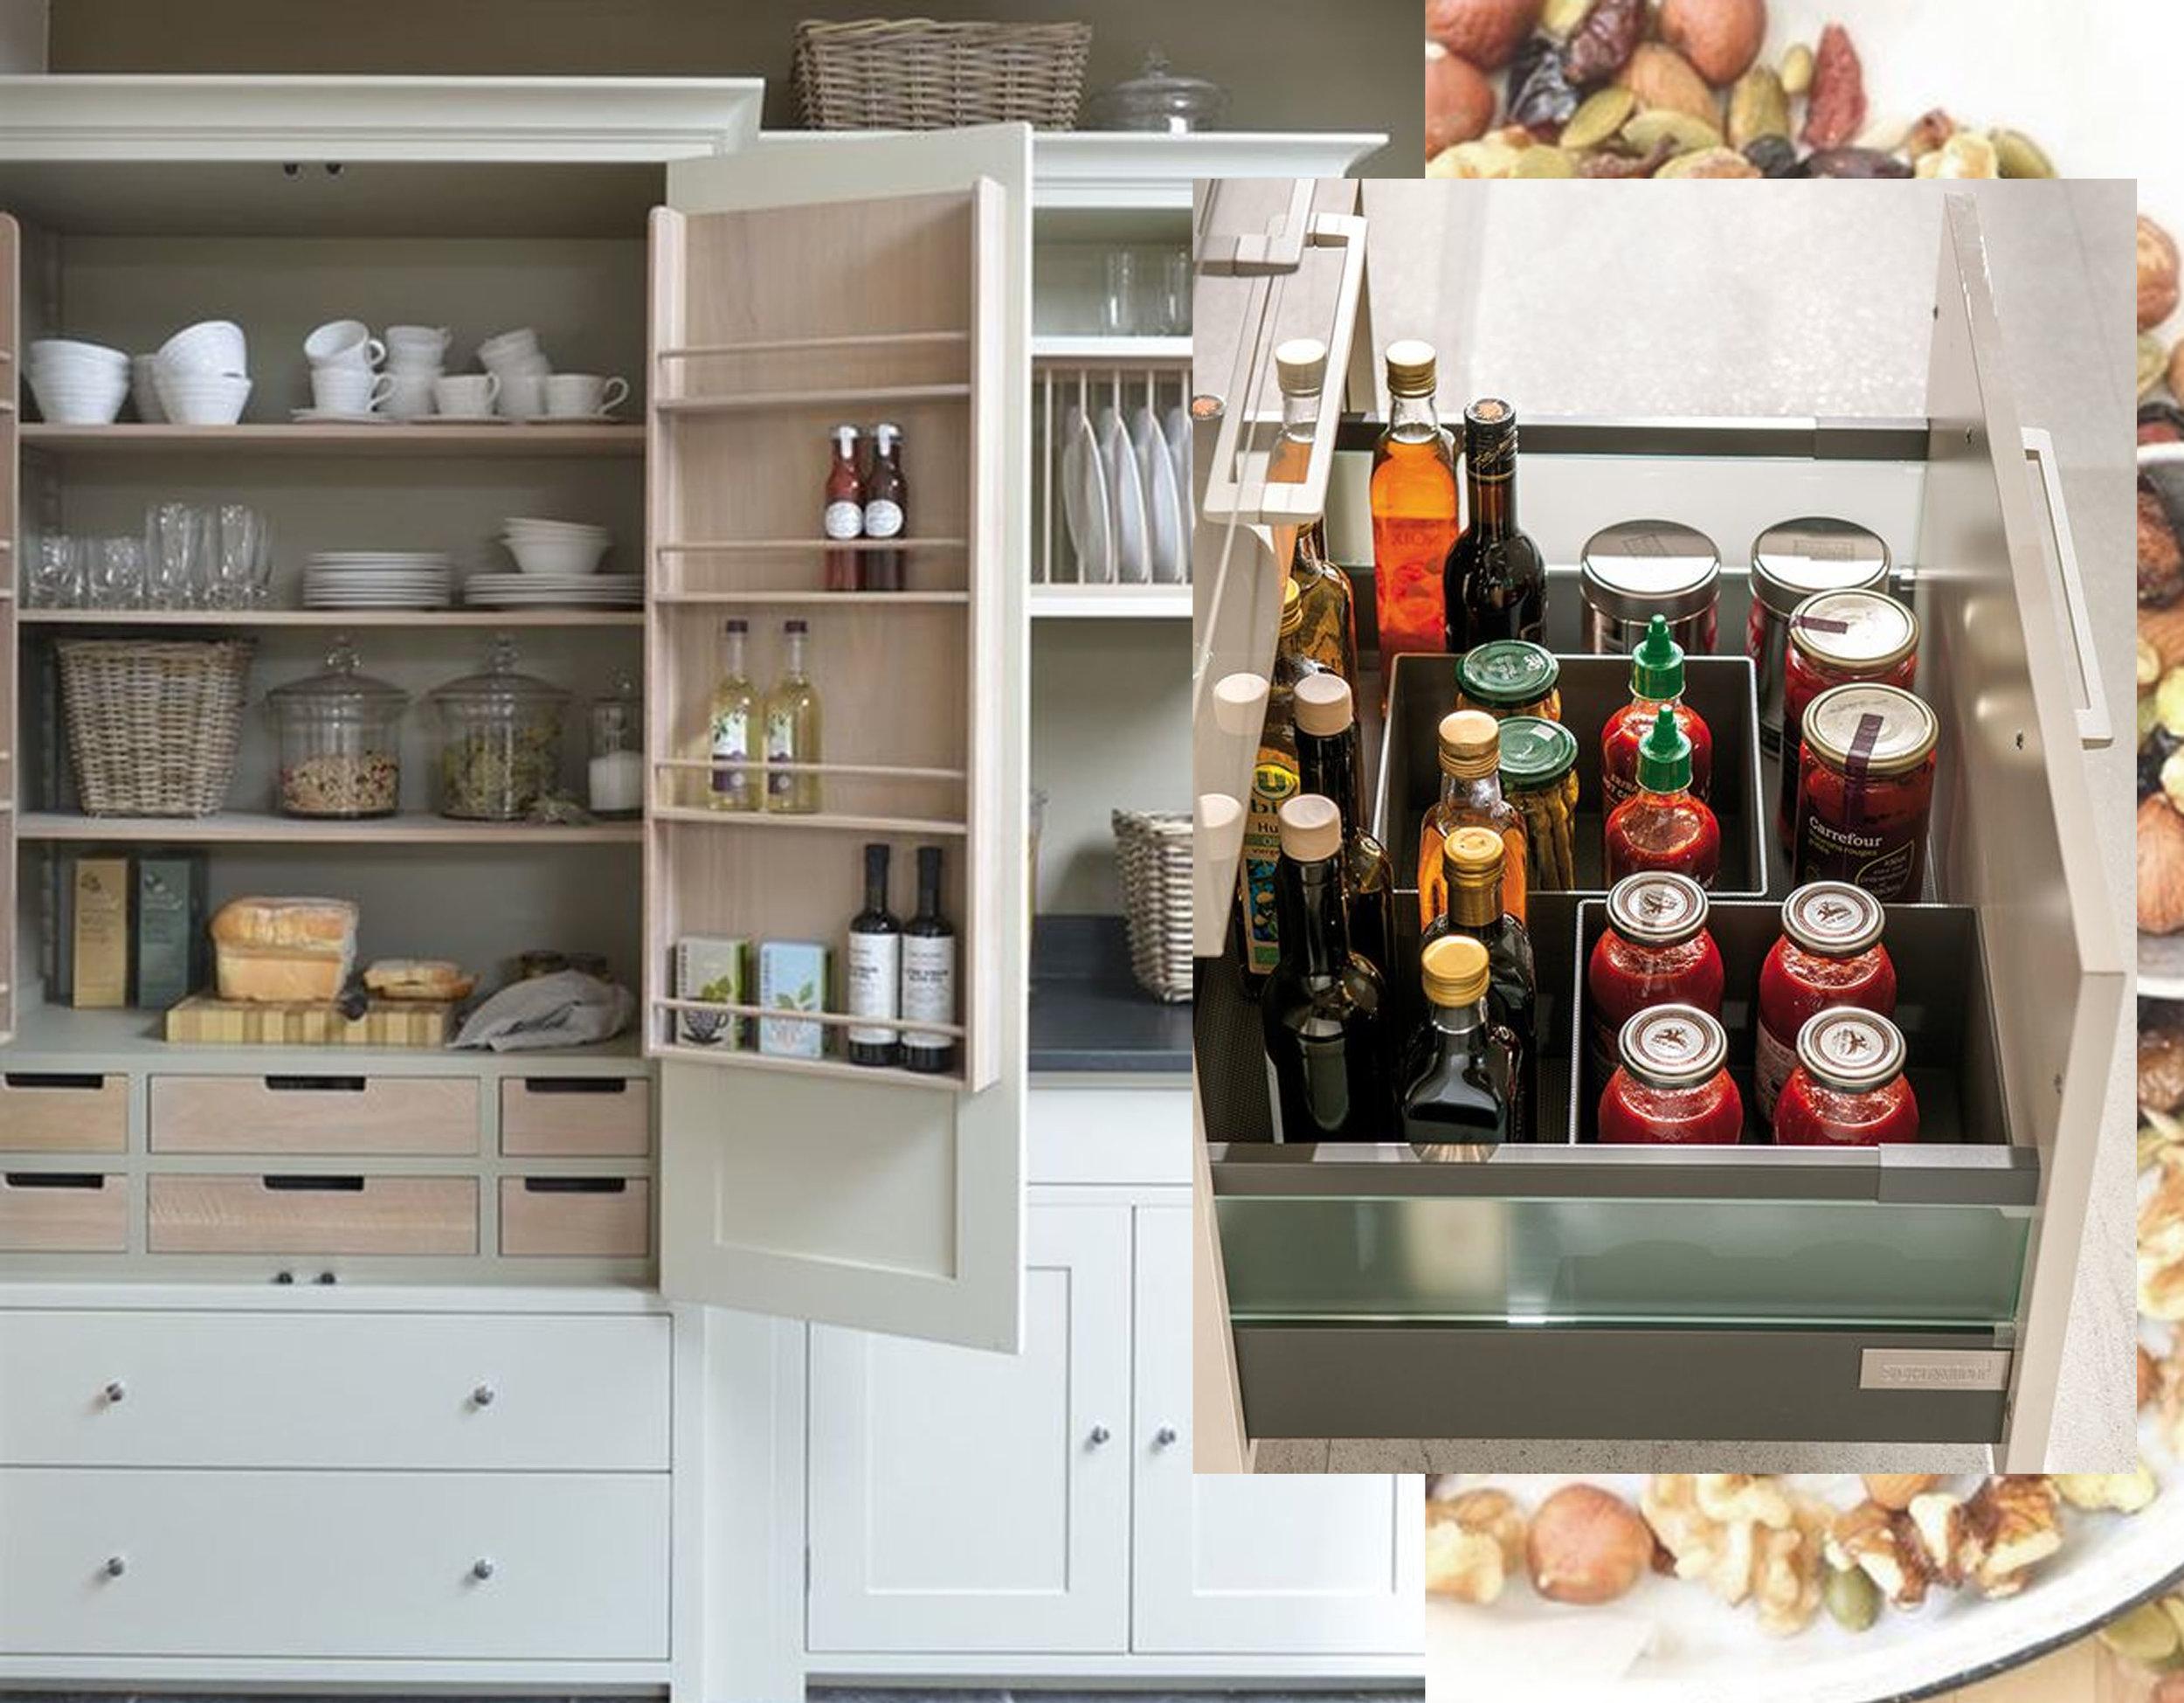 kitchen pantry via  Apartment Therapy  - kitchen drawer via  Elle